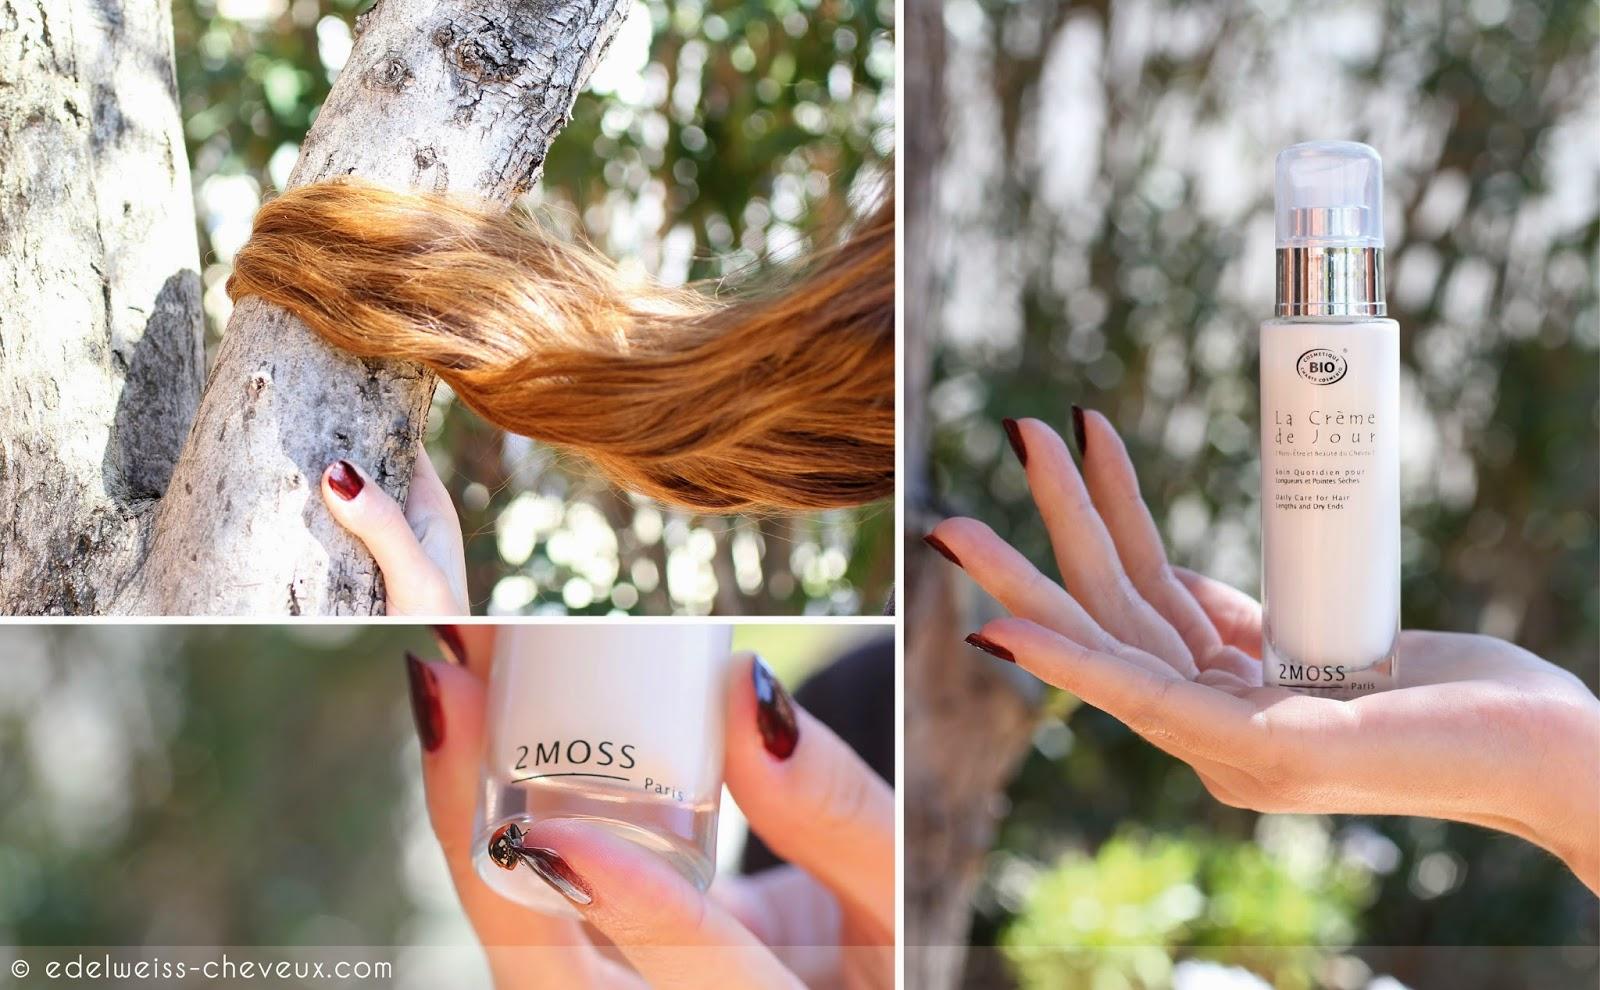 crème de jour cheveux soin quotidien naturel bio 2moss paris